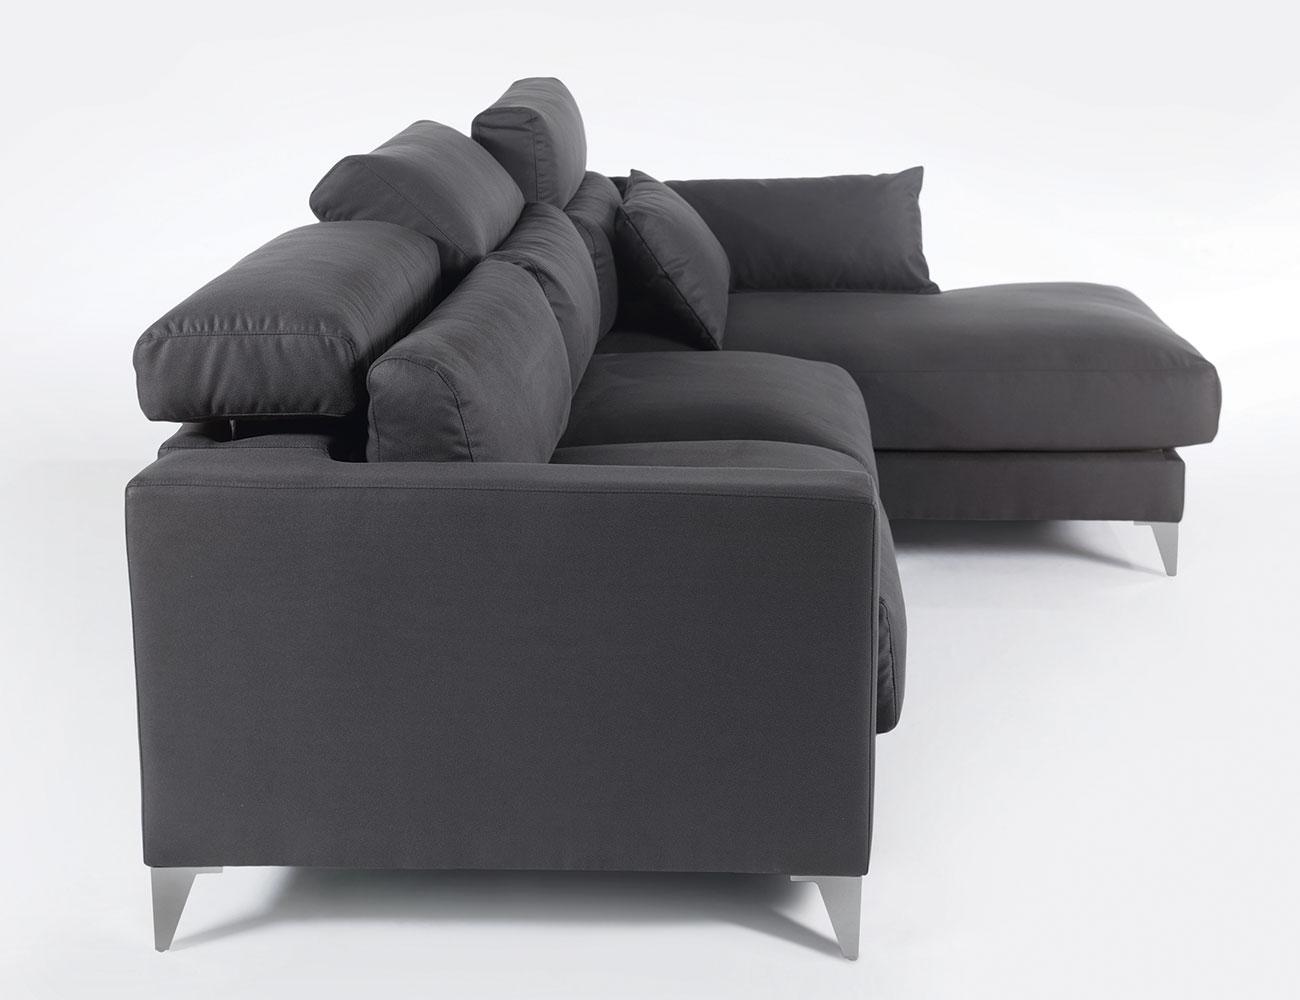 Sofa chaiselongue gran lujo decorativo grafito 137